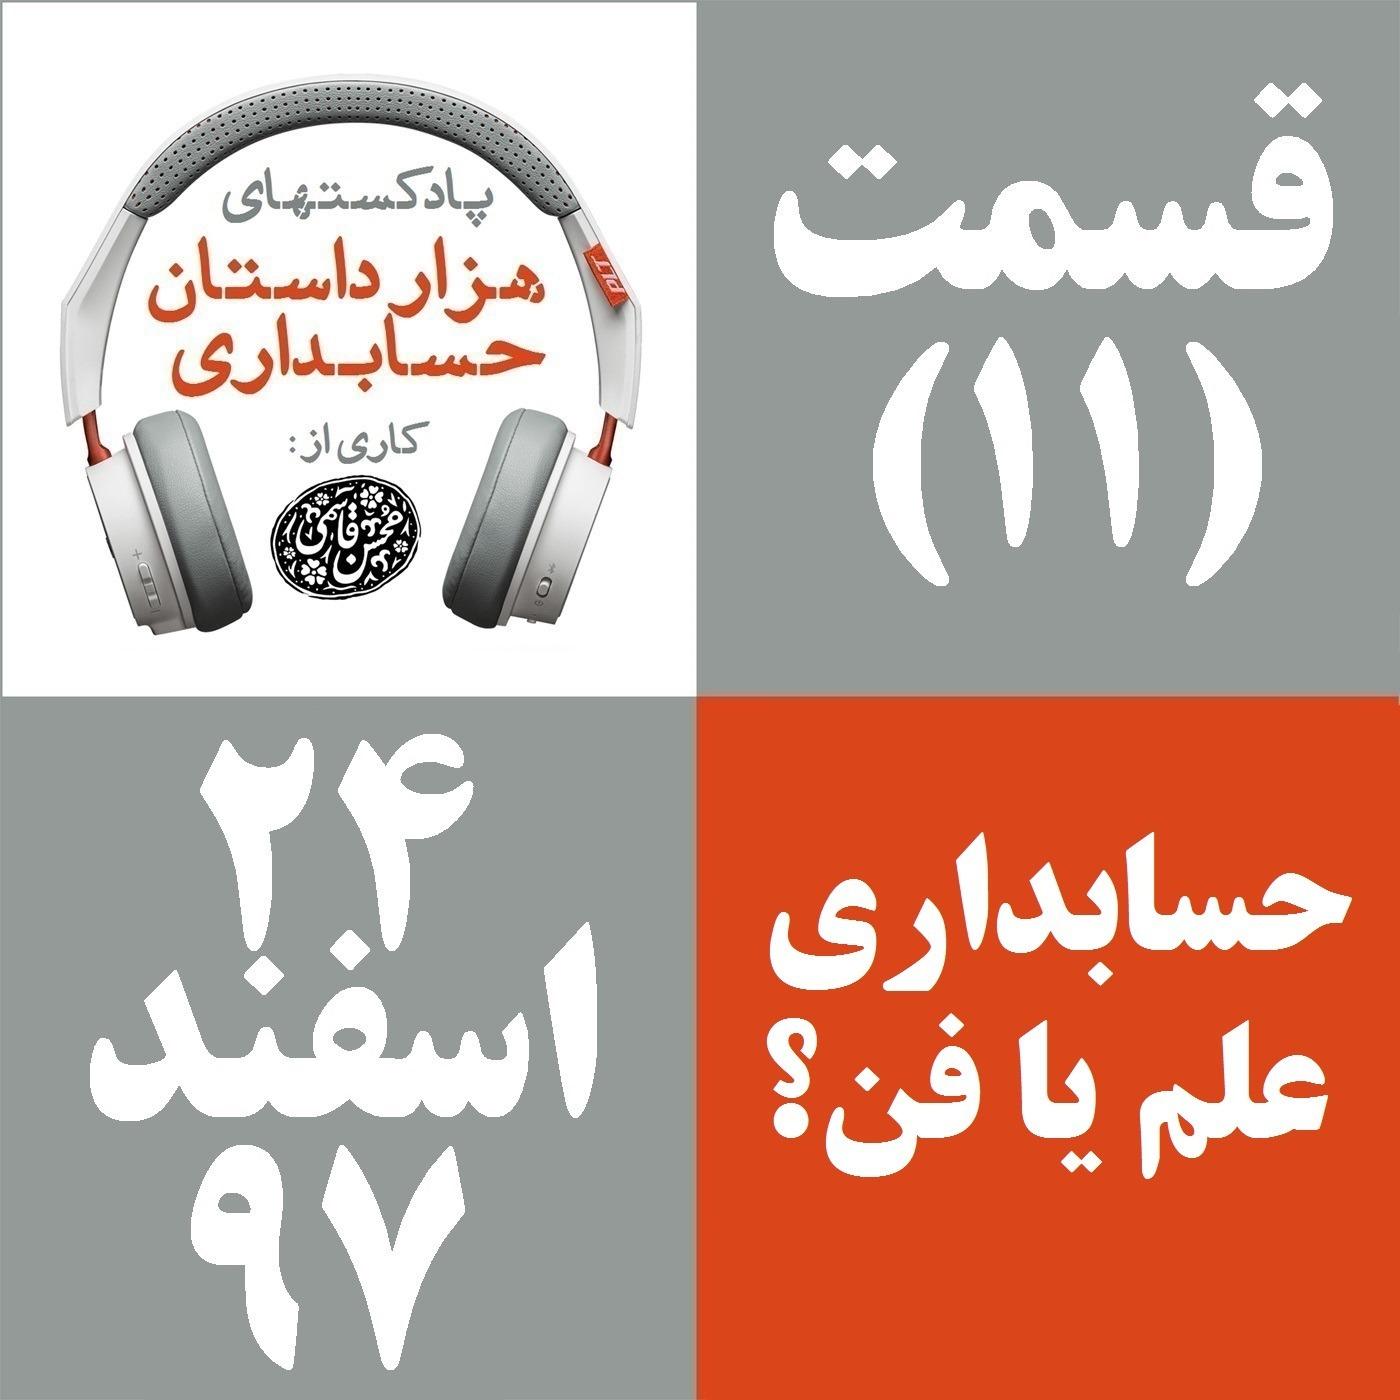 قسمت 11 - حسابداری علم یا فن؟ نگاهی انتقادی به معضل دانشگاهی سازی حسابداری در ایران